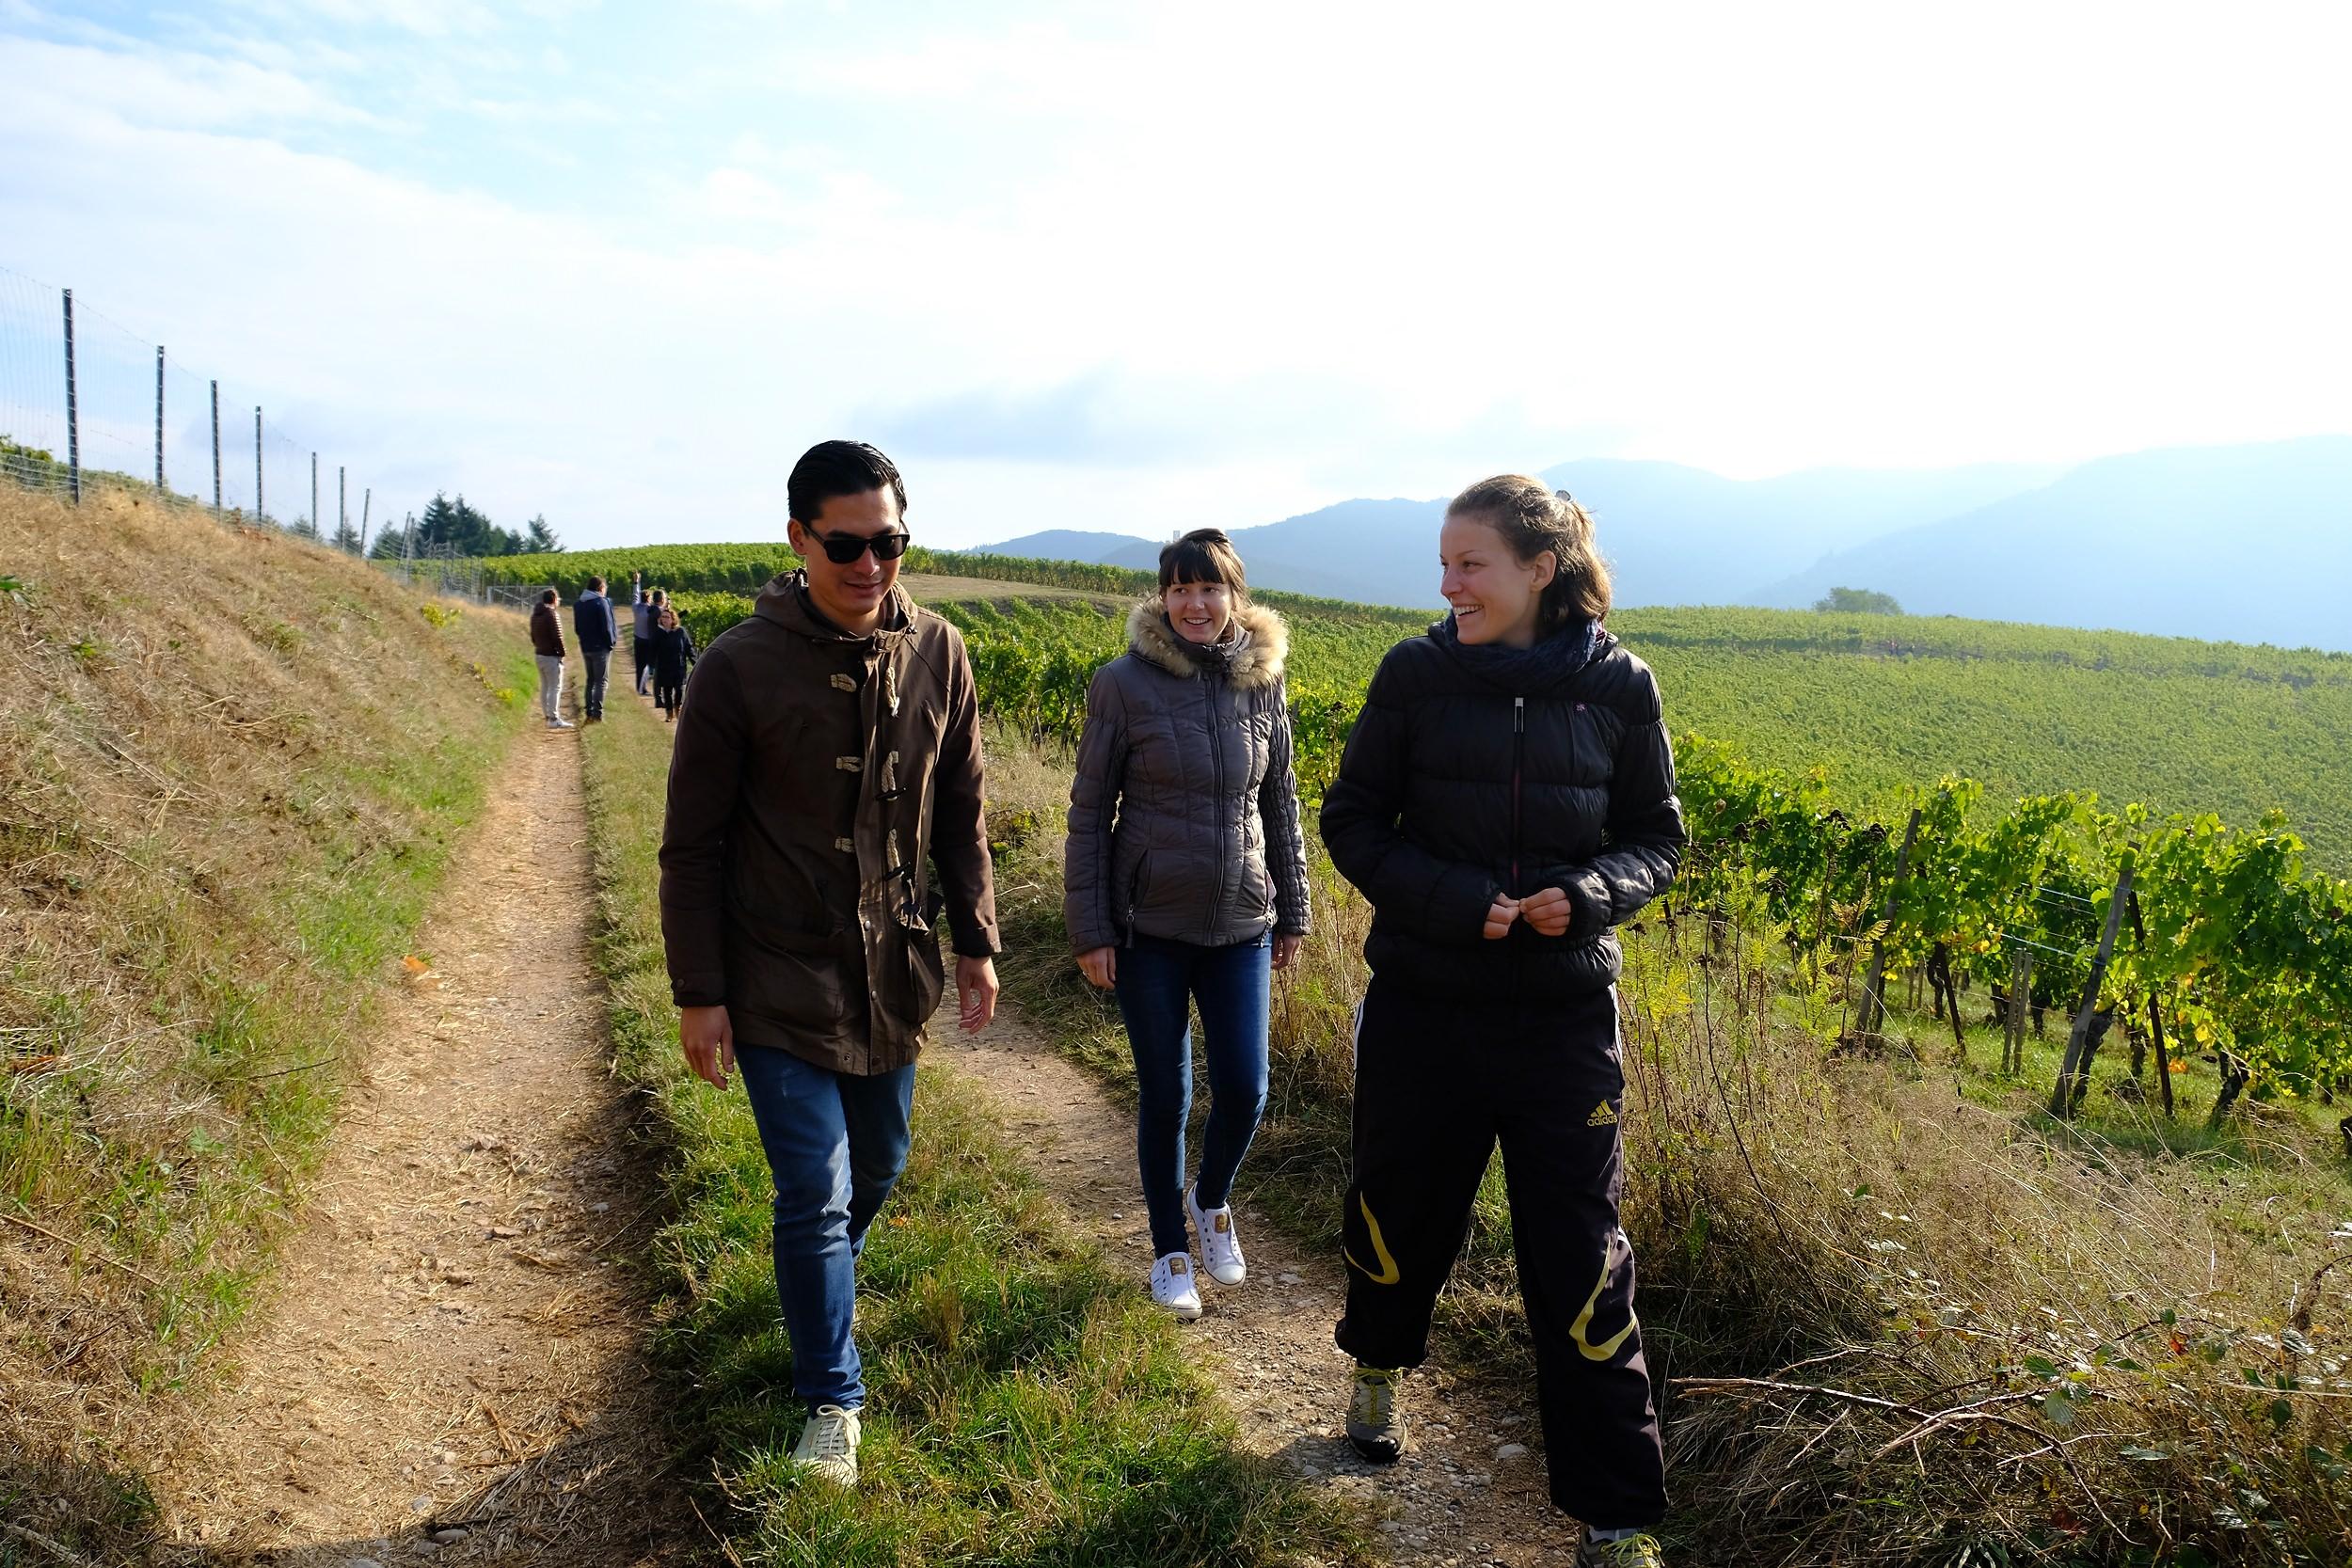 fotoreportage-wijn produceren-Vignoble des 2 lunes-Bosman Wijnkopers-473.jpg